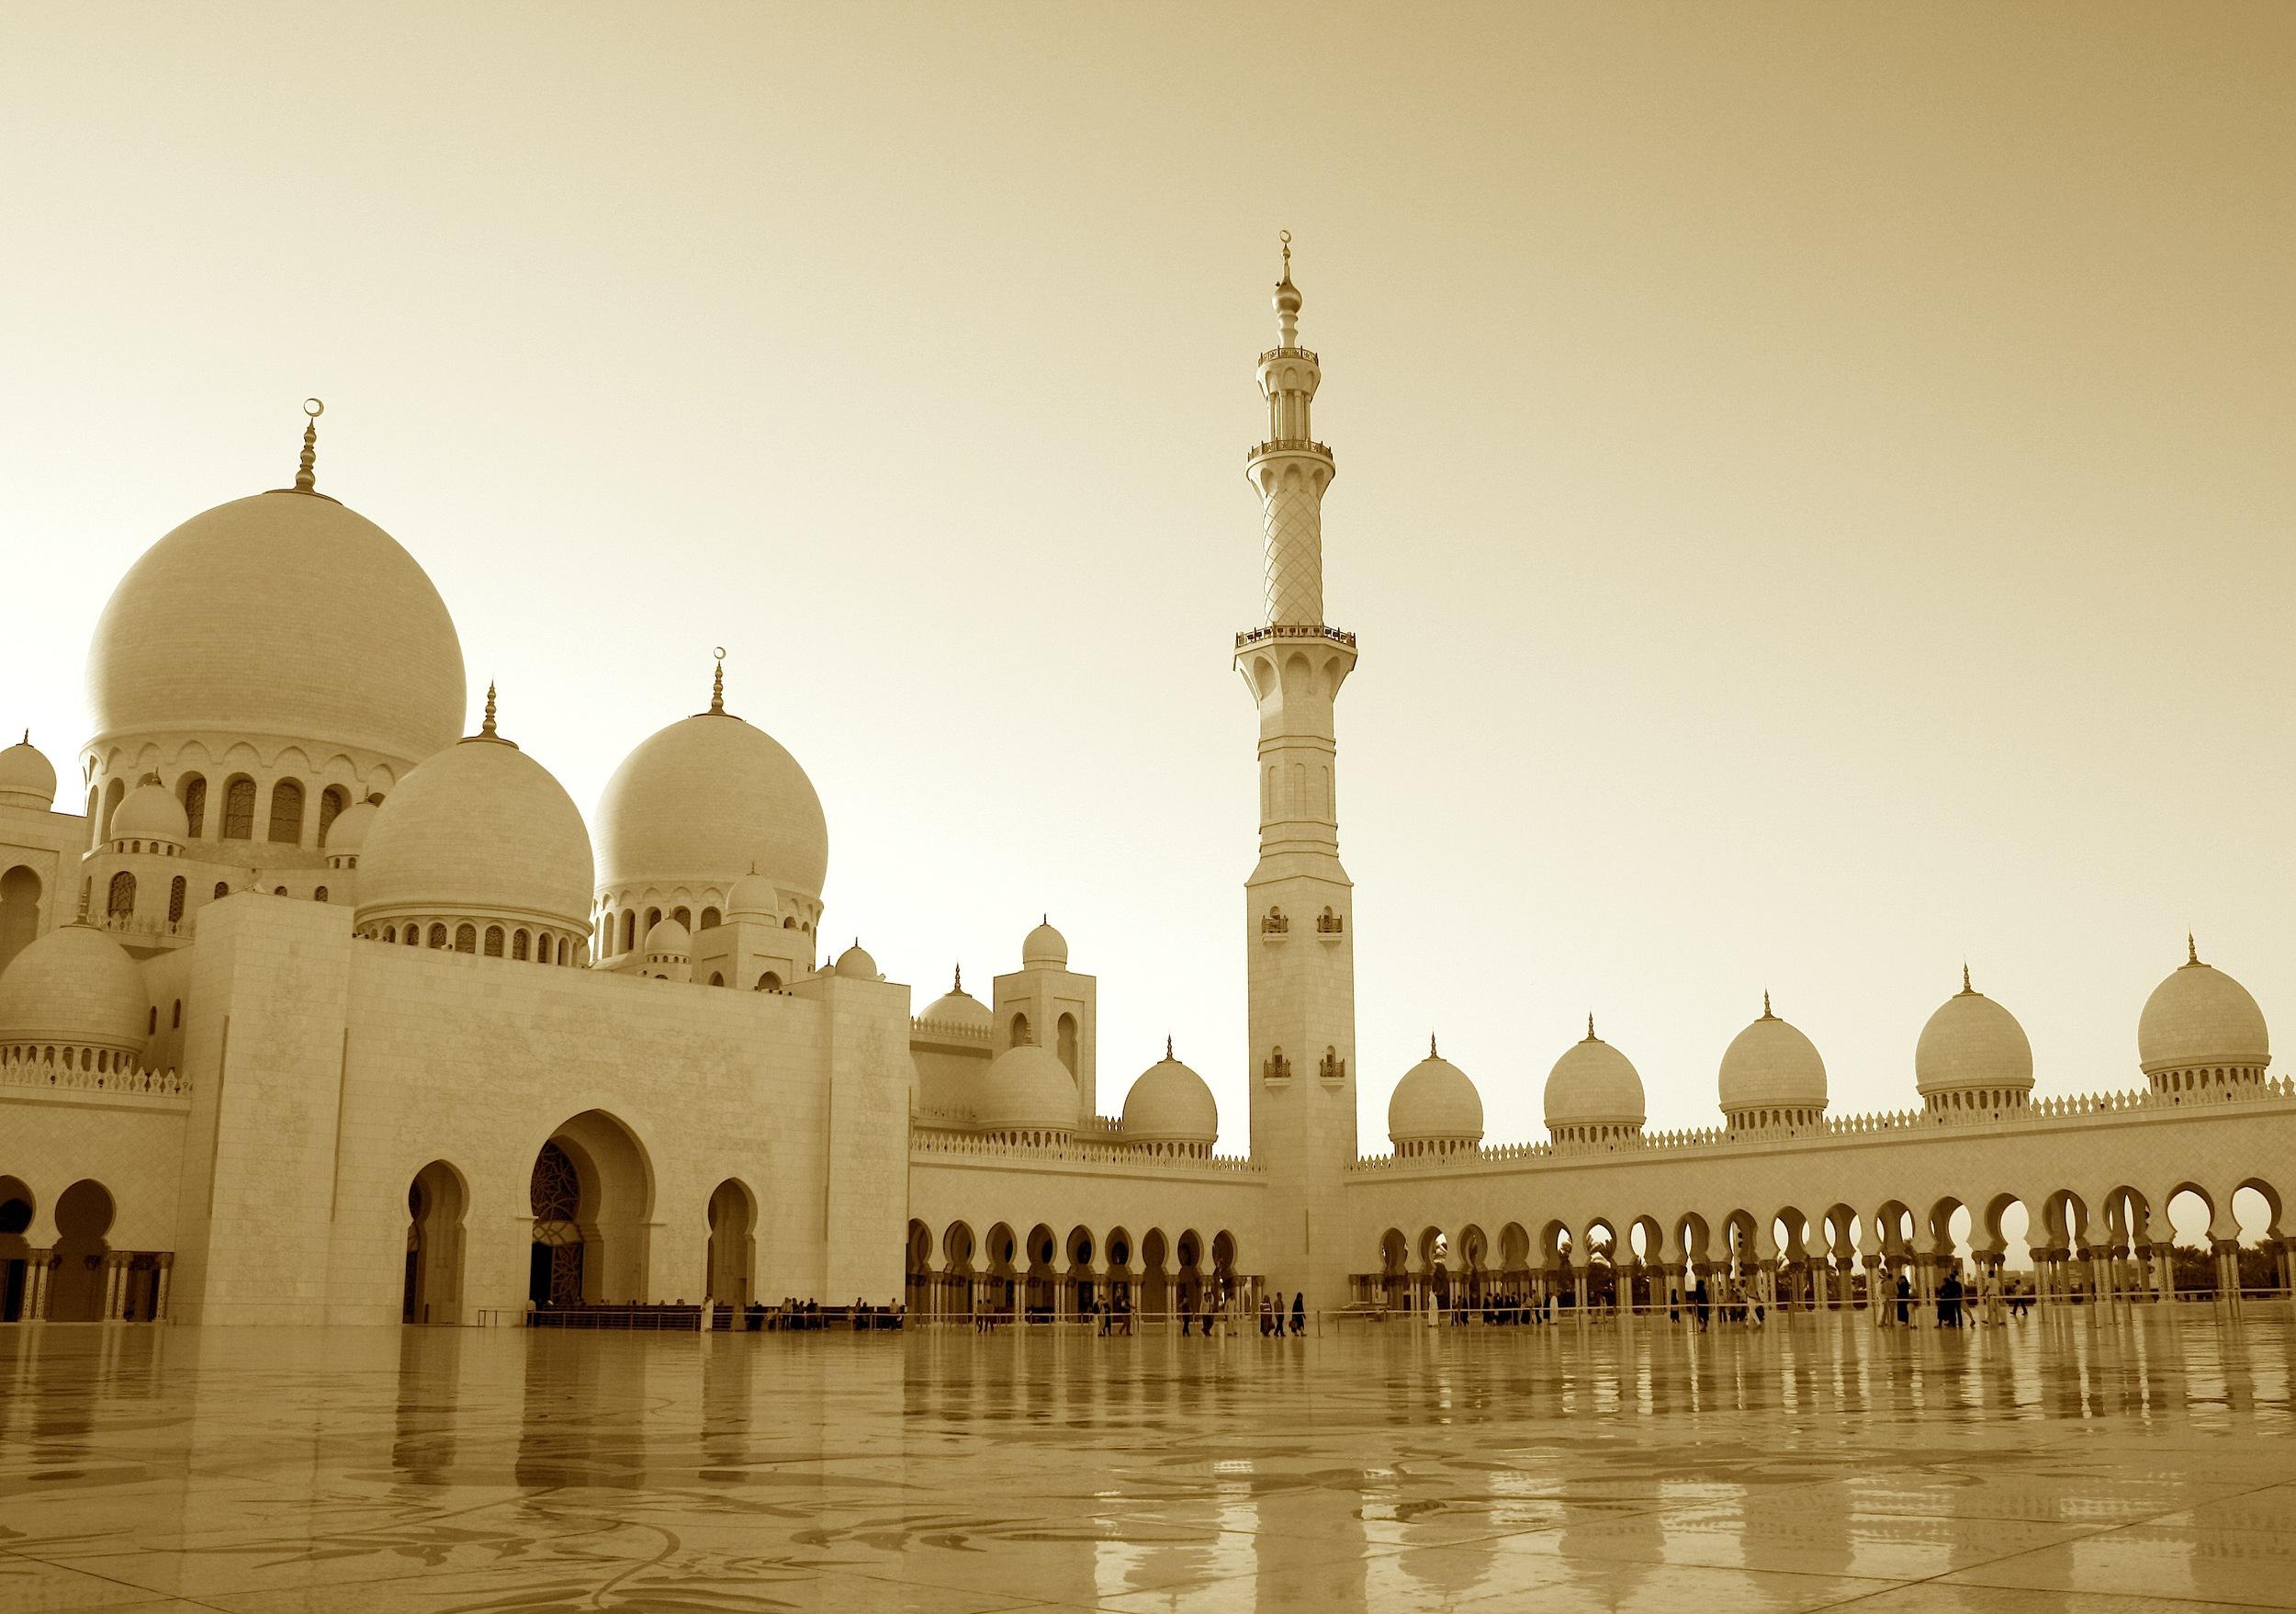 abu dhabi, united arab emirates   sheikh zayed mosque